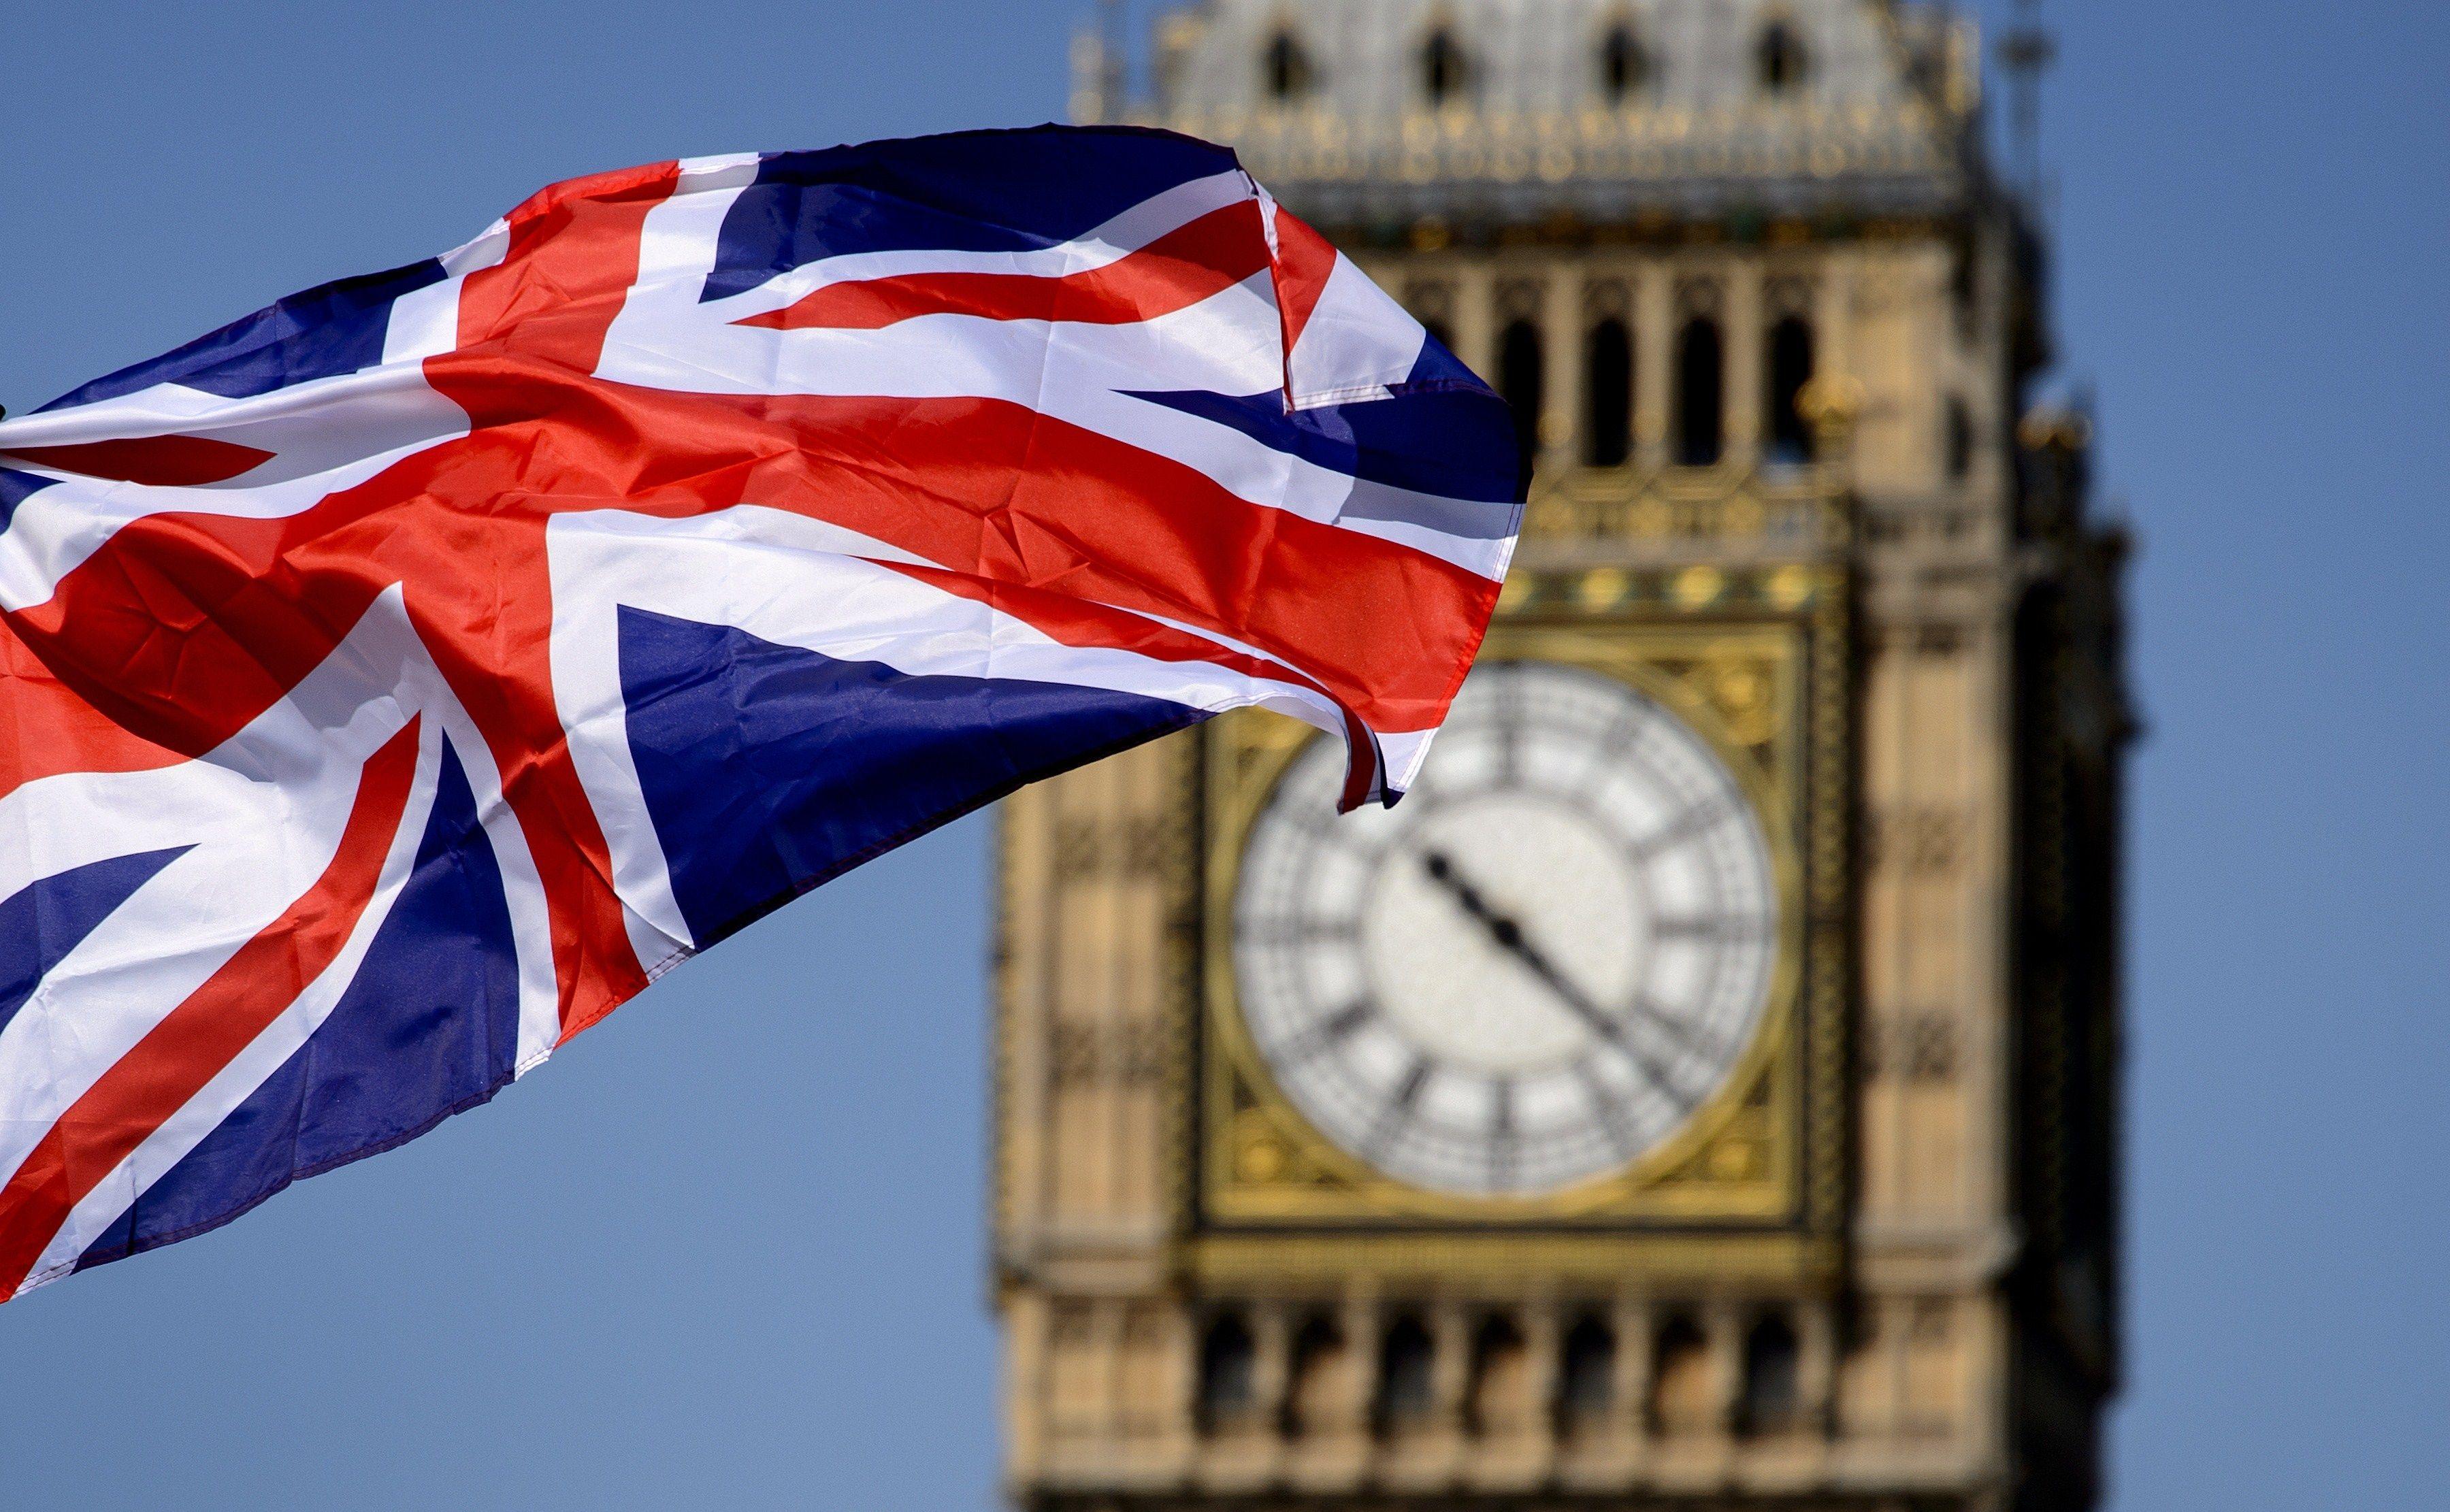 الاقتصاد البريطاني يتراجع لأدنى مستوياته منذ 6 أعوام